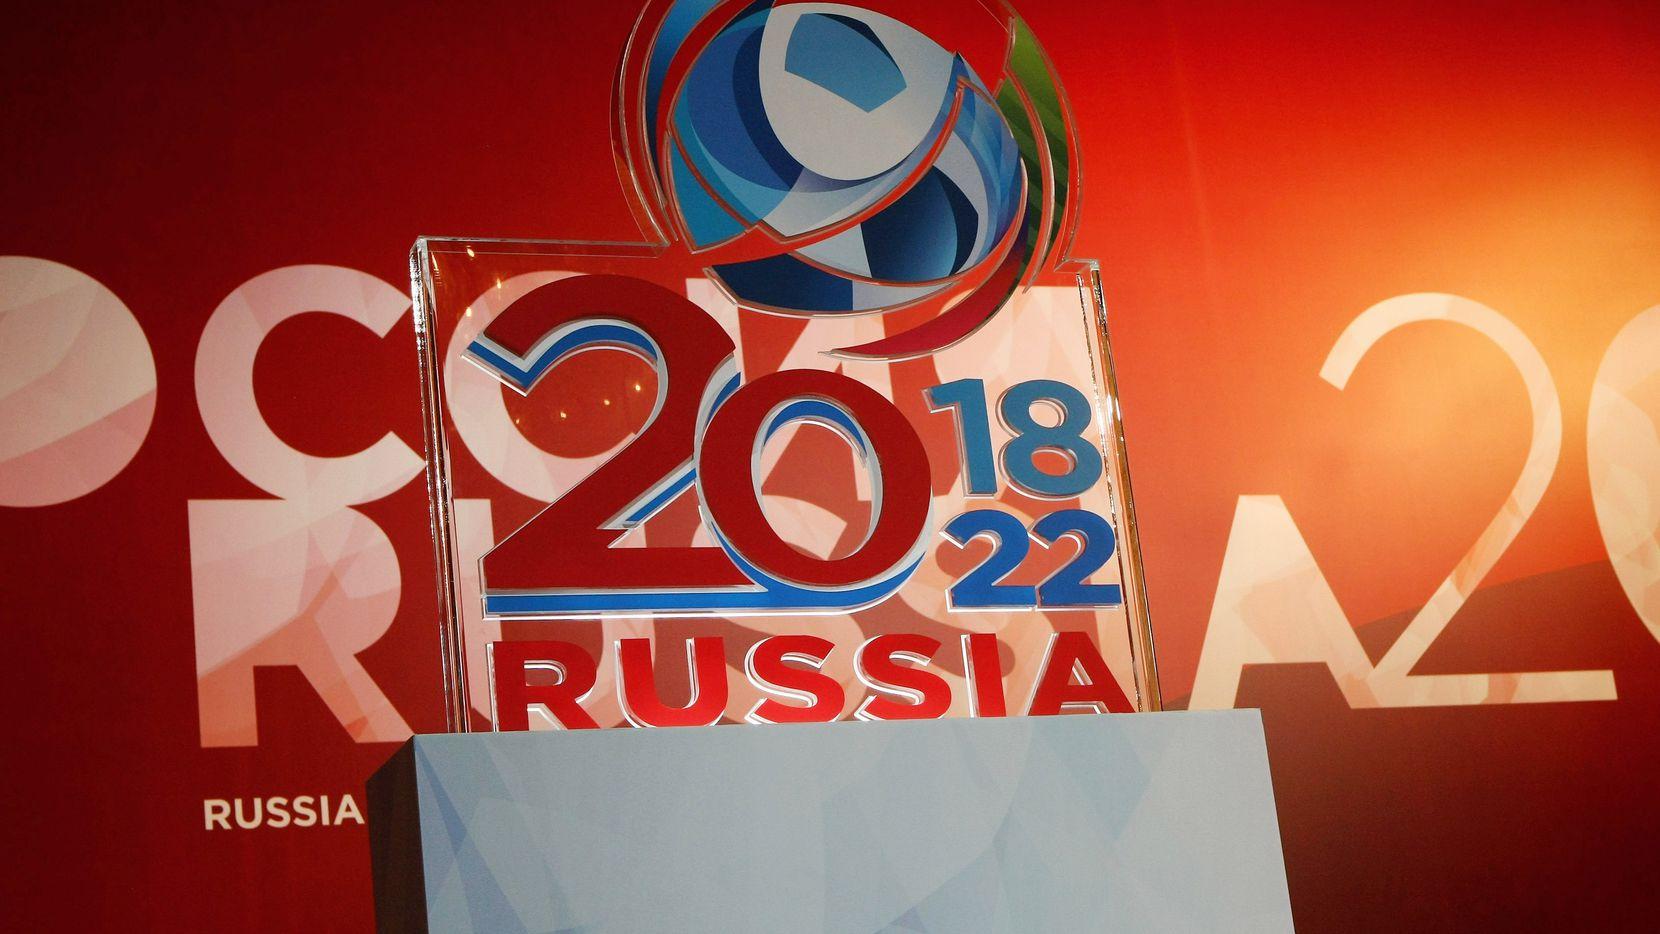 La Copa del Mundo de Rusia se disputará entre junio y julio de 2018. Foto GETTY IMAGES